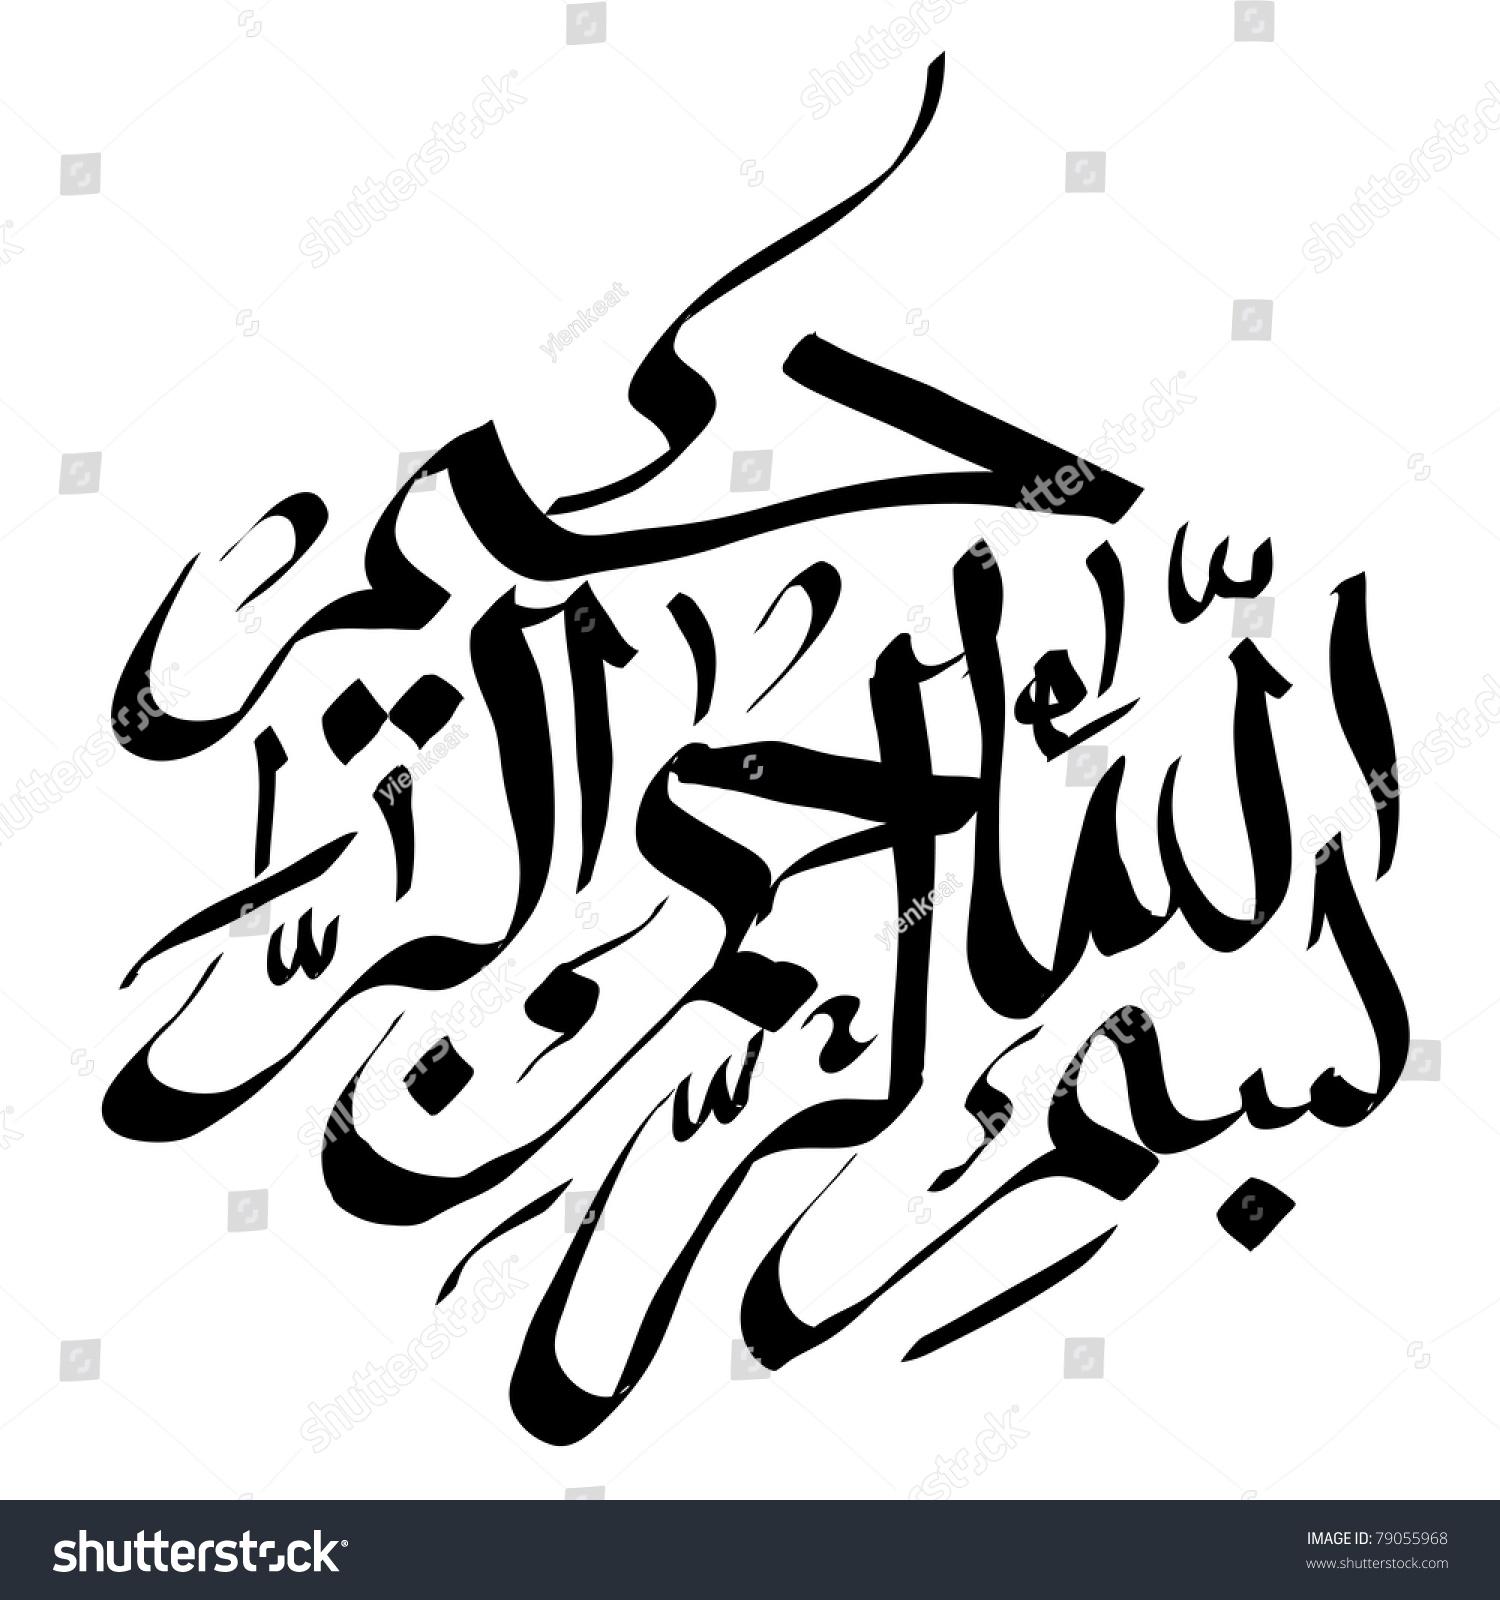 Arabic greeting calligraphy eid mubarak stock illustration 79055968 arabic greeting calligraphy eid mubarak kristyandbryce Image collections